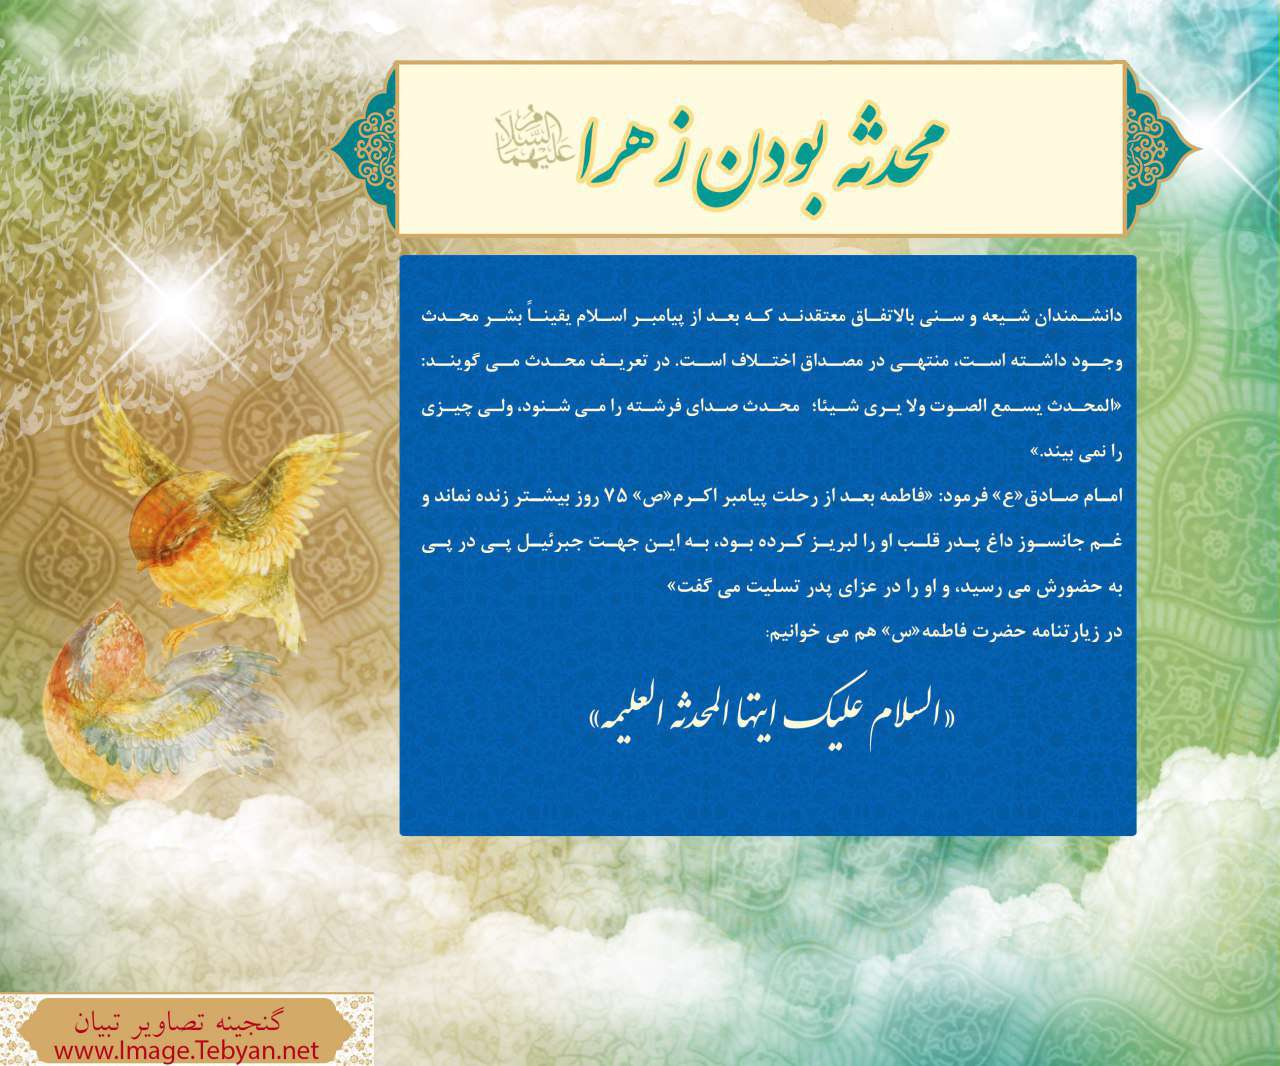 محدثه بودن حضرت زهرا سلام الله علیها